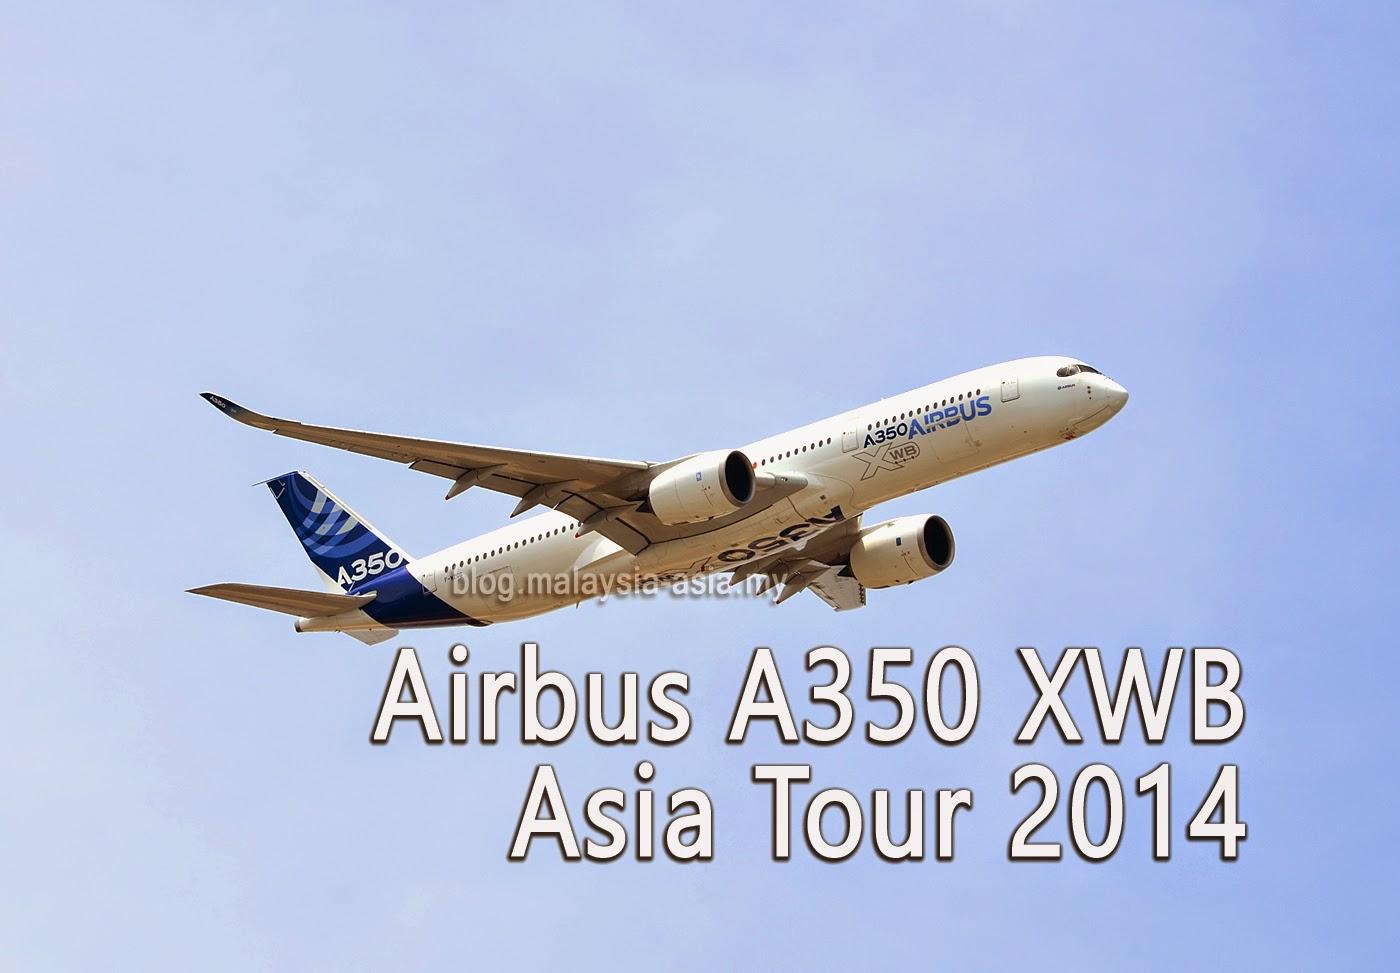 Airbus A350 XWB Asia Tour Malaysia